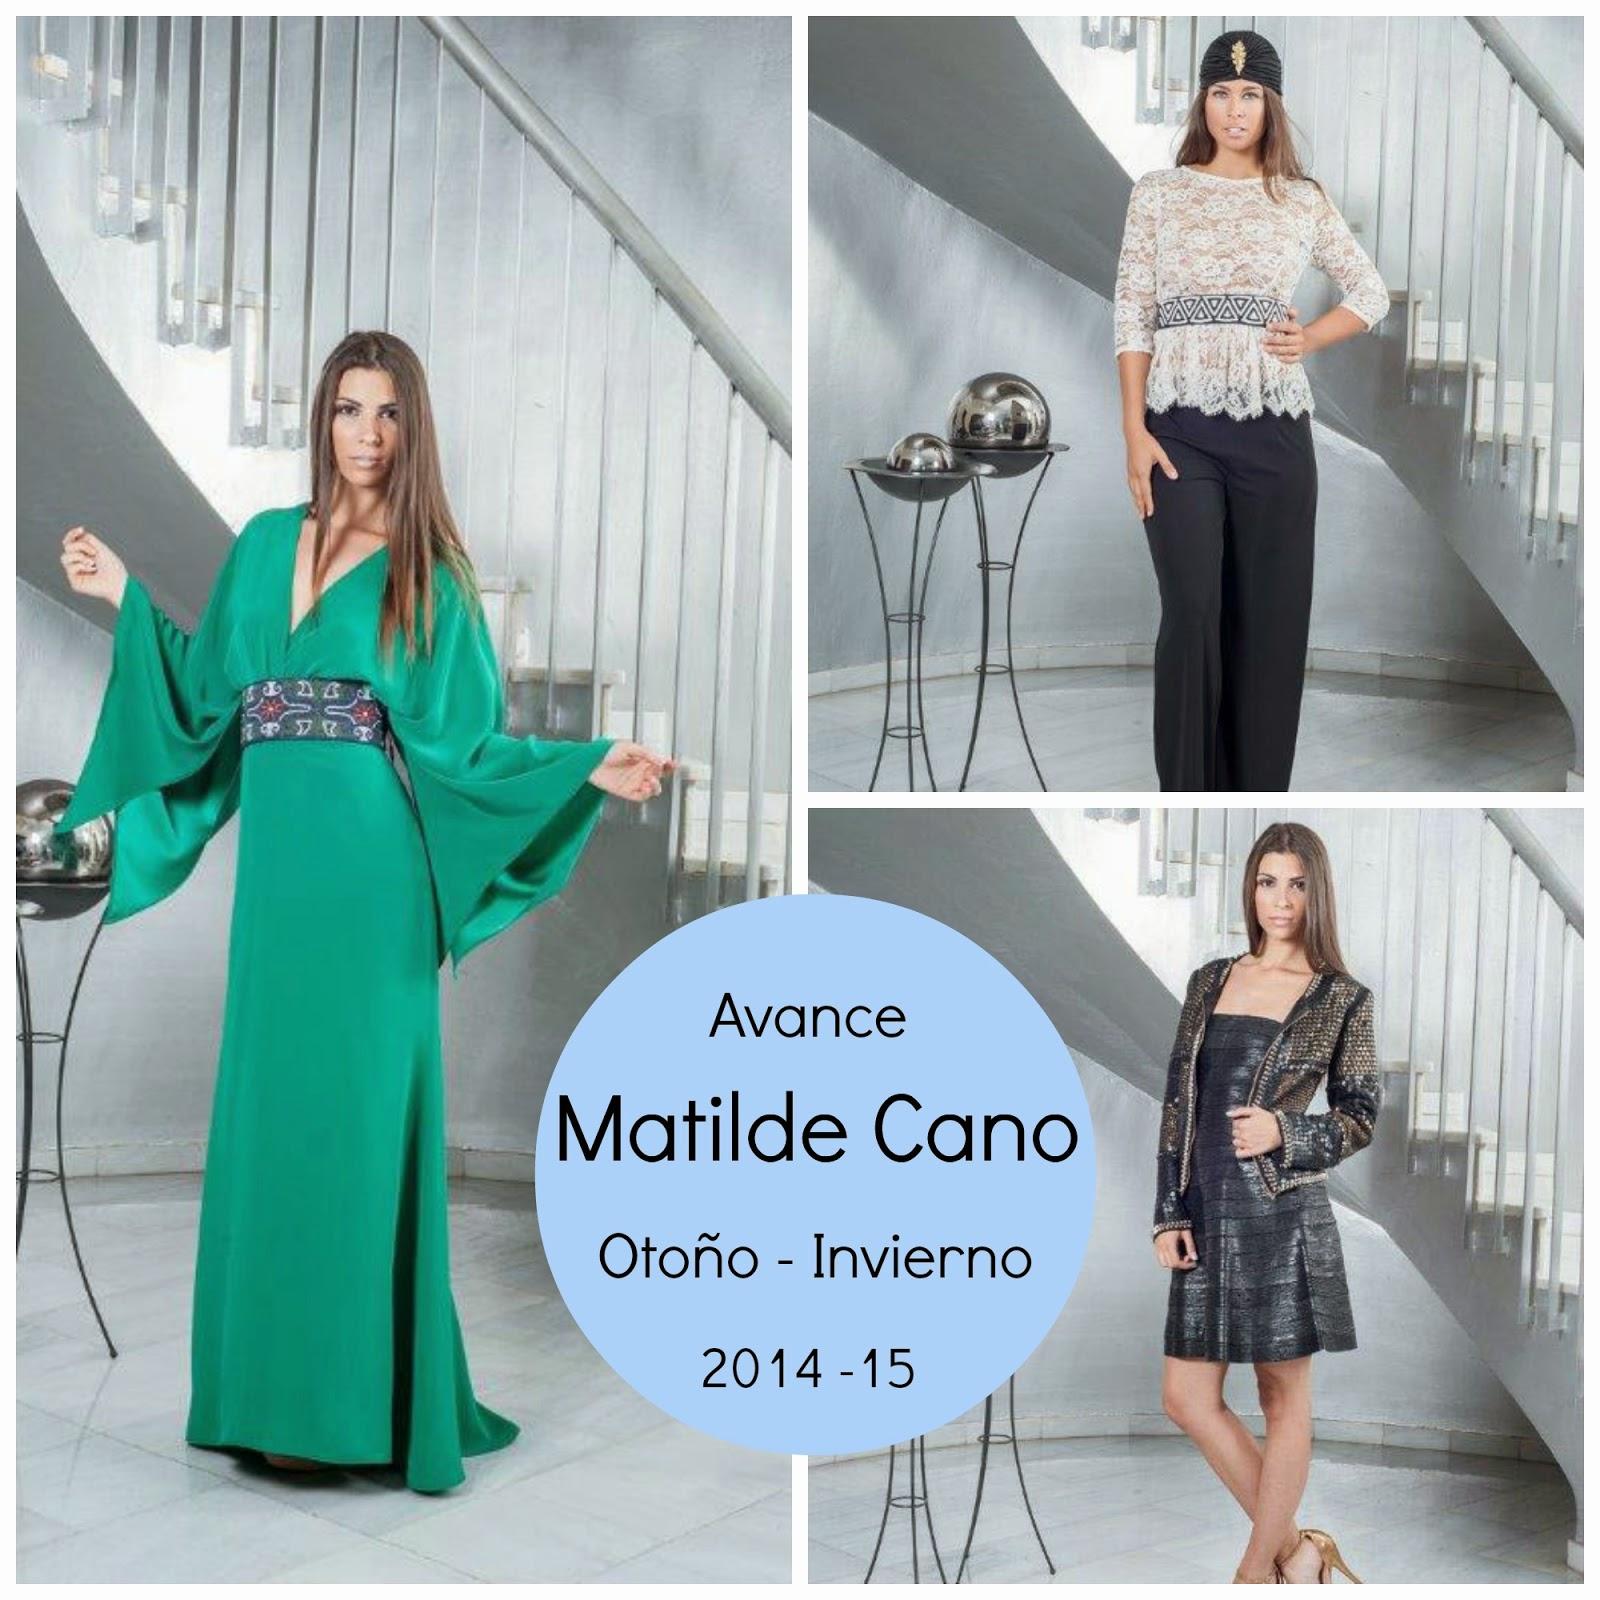 Matilde Cano Colección Otoño Invierno 2014 2014 blog bodas mi boda gratis